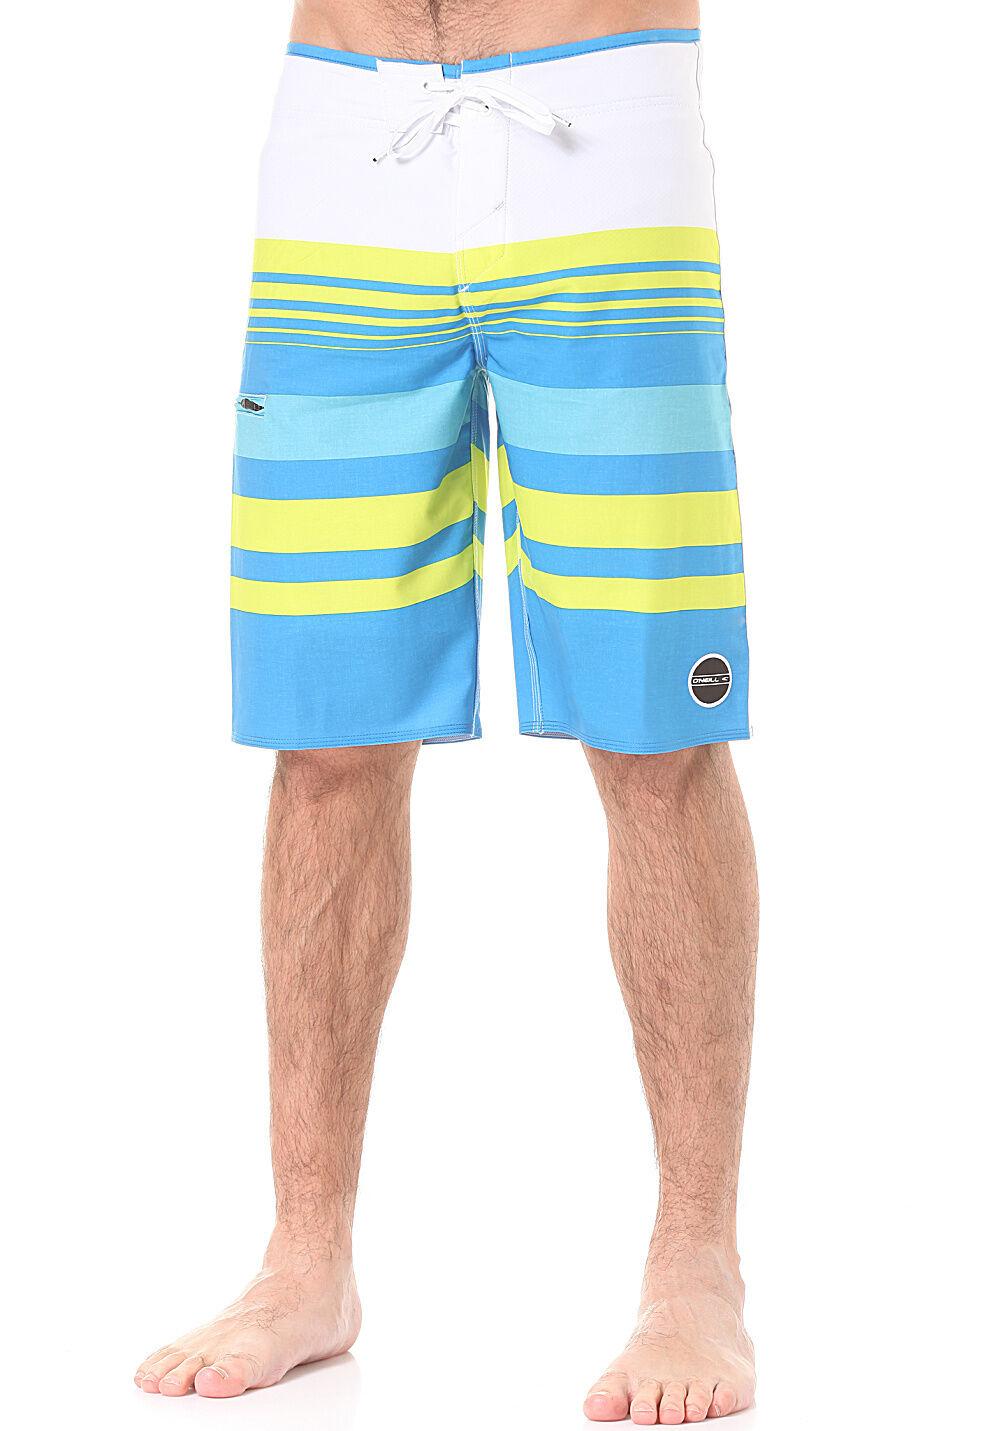 O'NEILL board shorts HYPERFREAK Heist bluee yellow stripe 32 34 36 full length